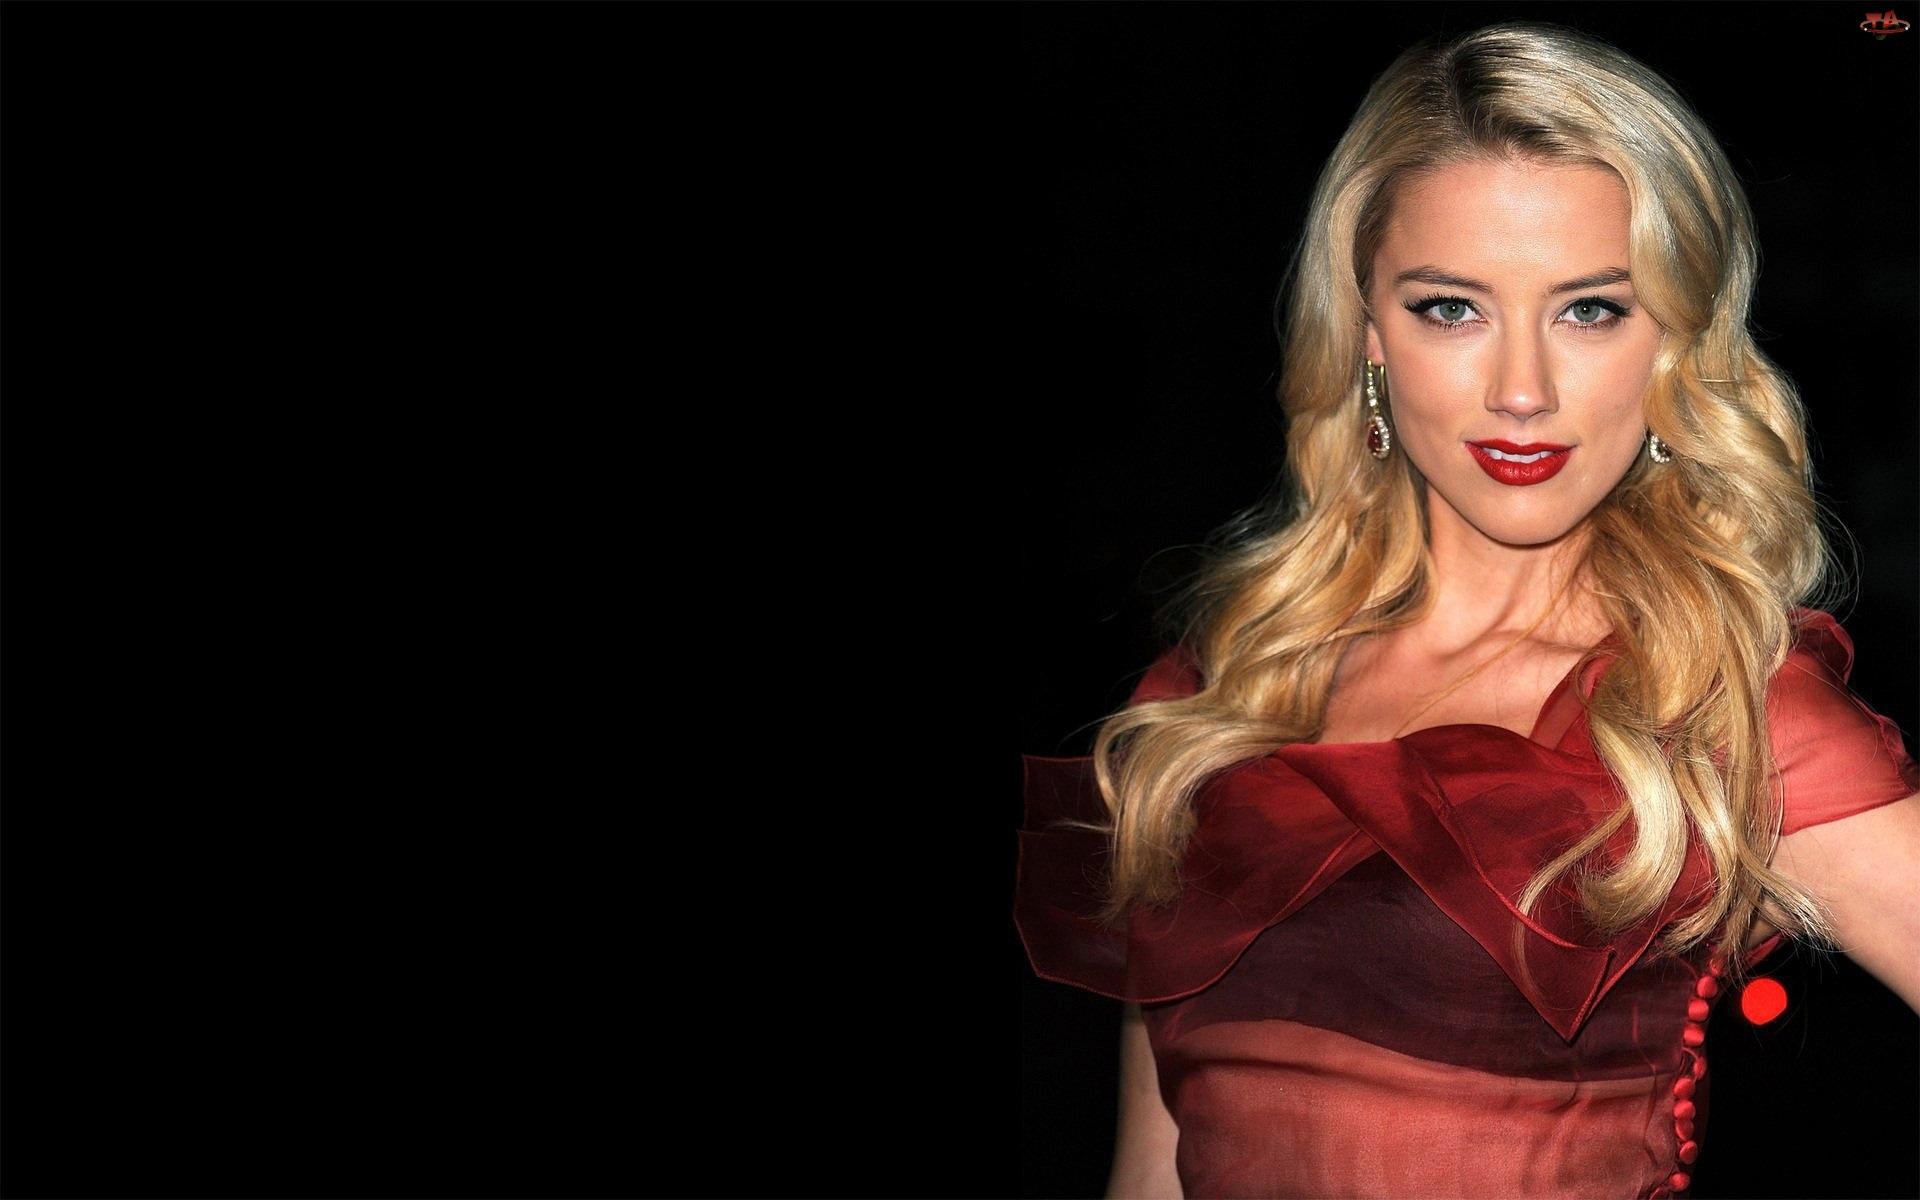 Sukienka, Amber Heard, Włosy, Blond, Kolczyki